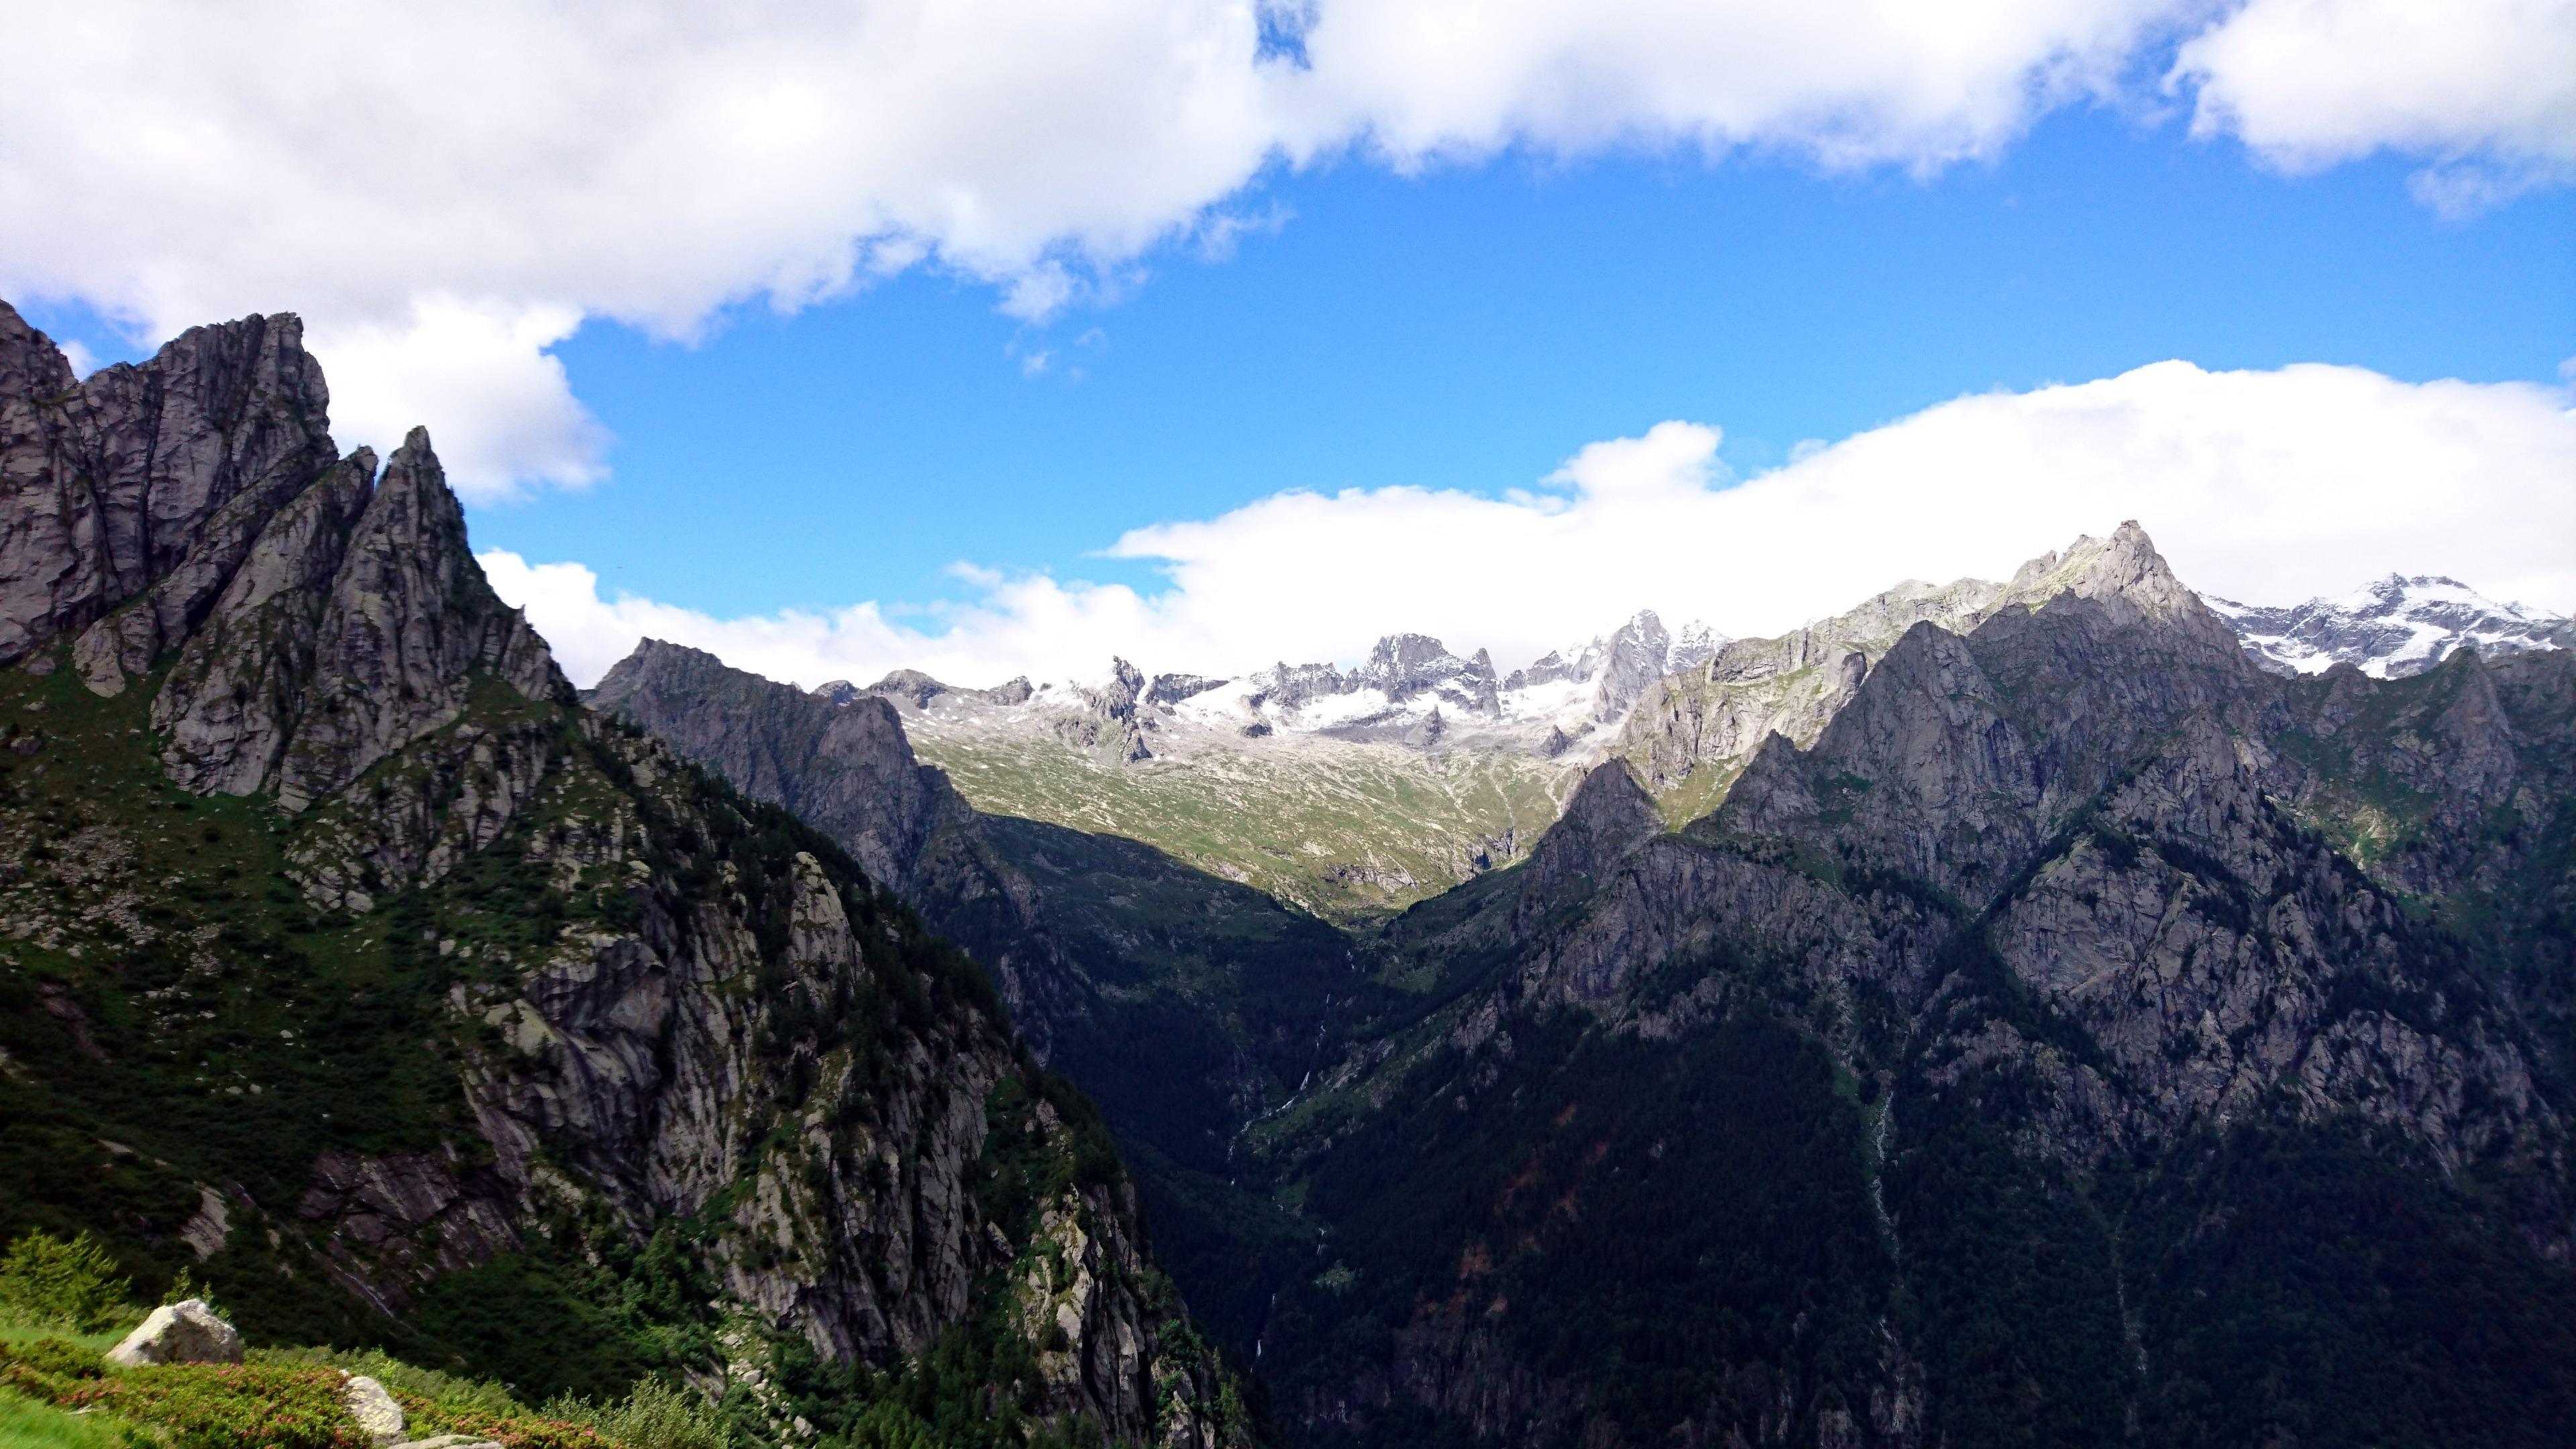 vista sul lato opposto verso la val Porcellizzo e le sue cime